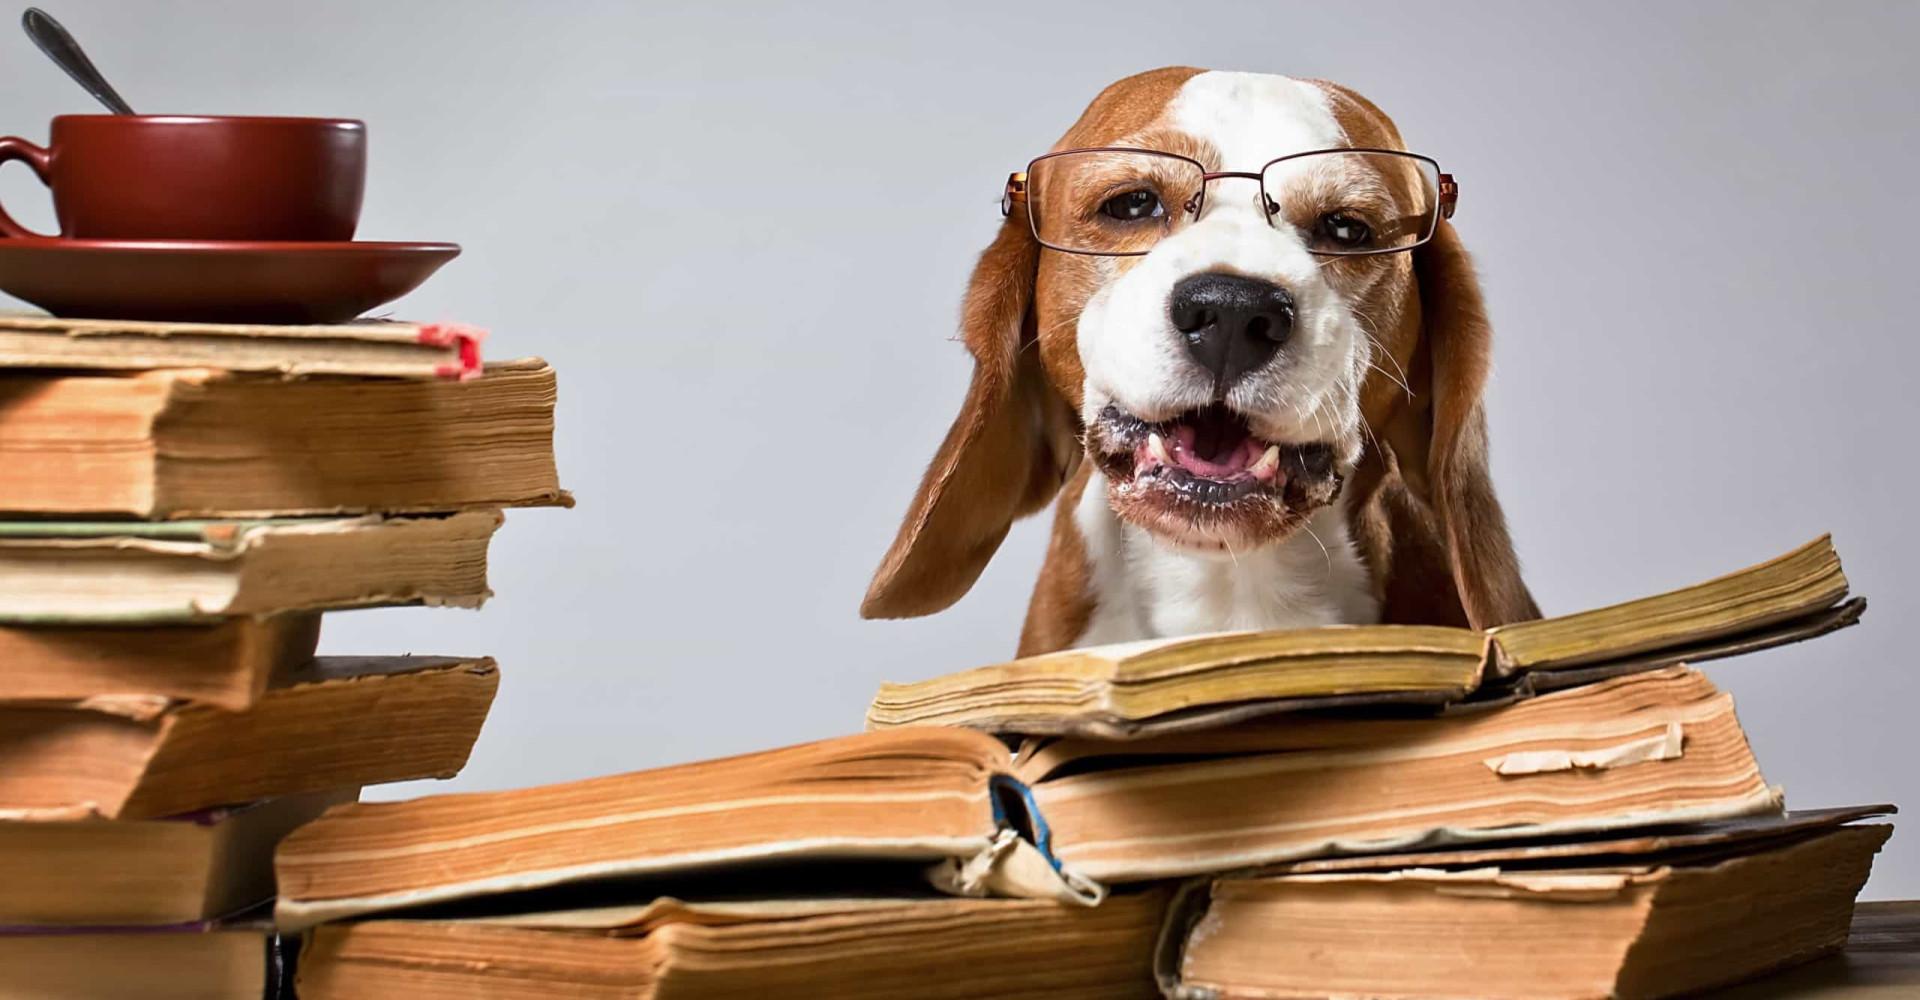 Quanto è intelligente il tuo cane? Questa classifica te lo dirà!